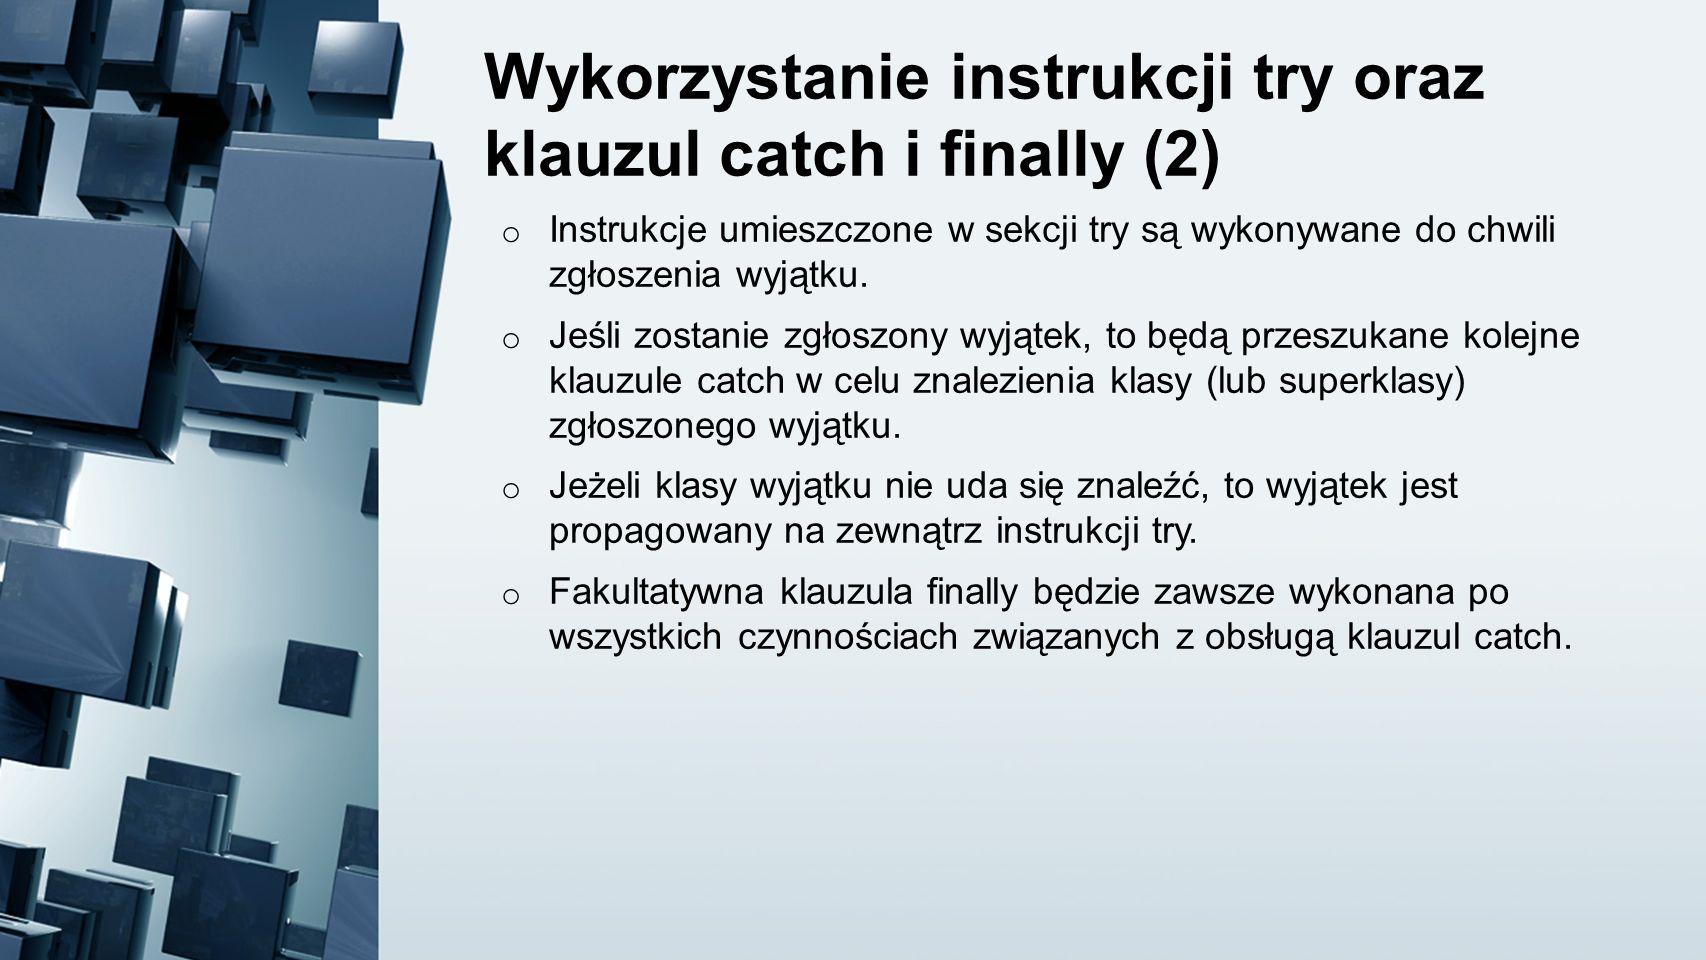 Wykorzystanie instrukcji try oraz klauzul catch i finally (2) o Instrukcje umieszczone w sekcji try są wykonywane do chwili zgłoszenia wyjątku. o Jeśl